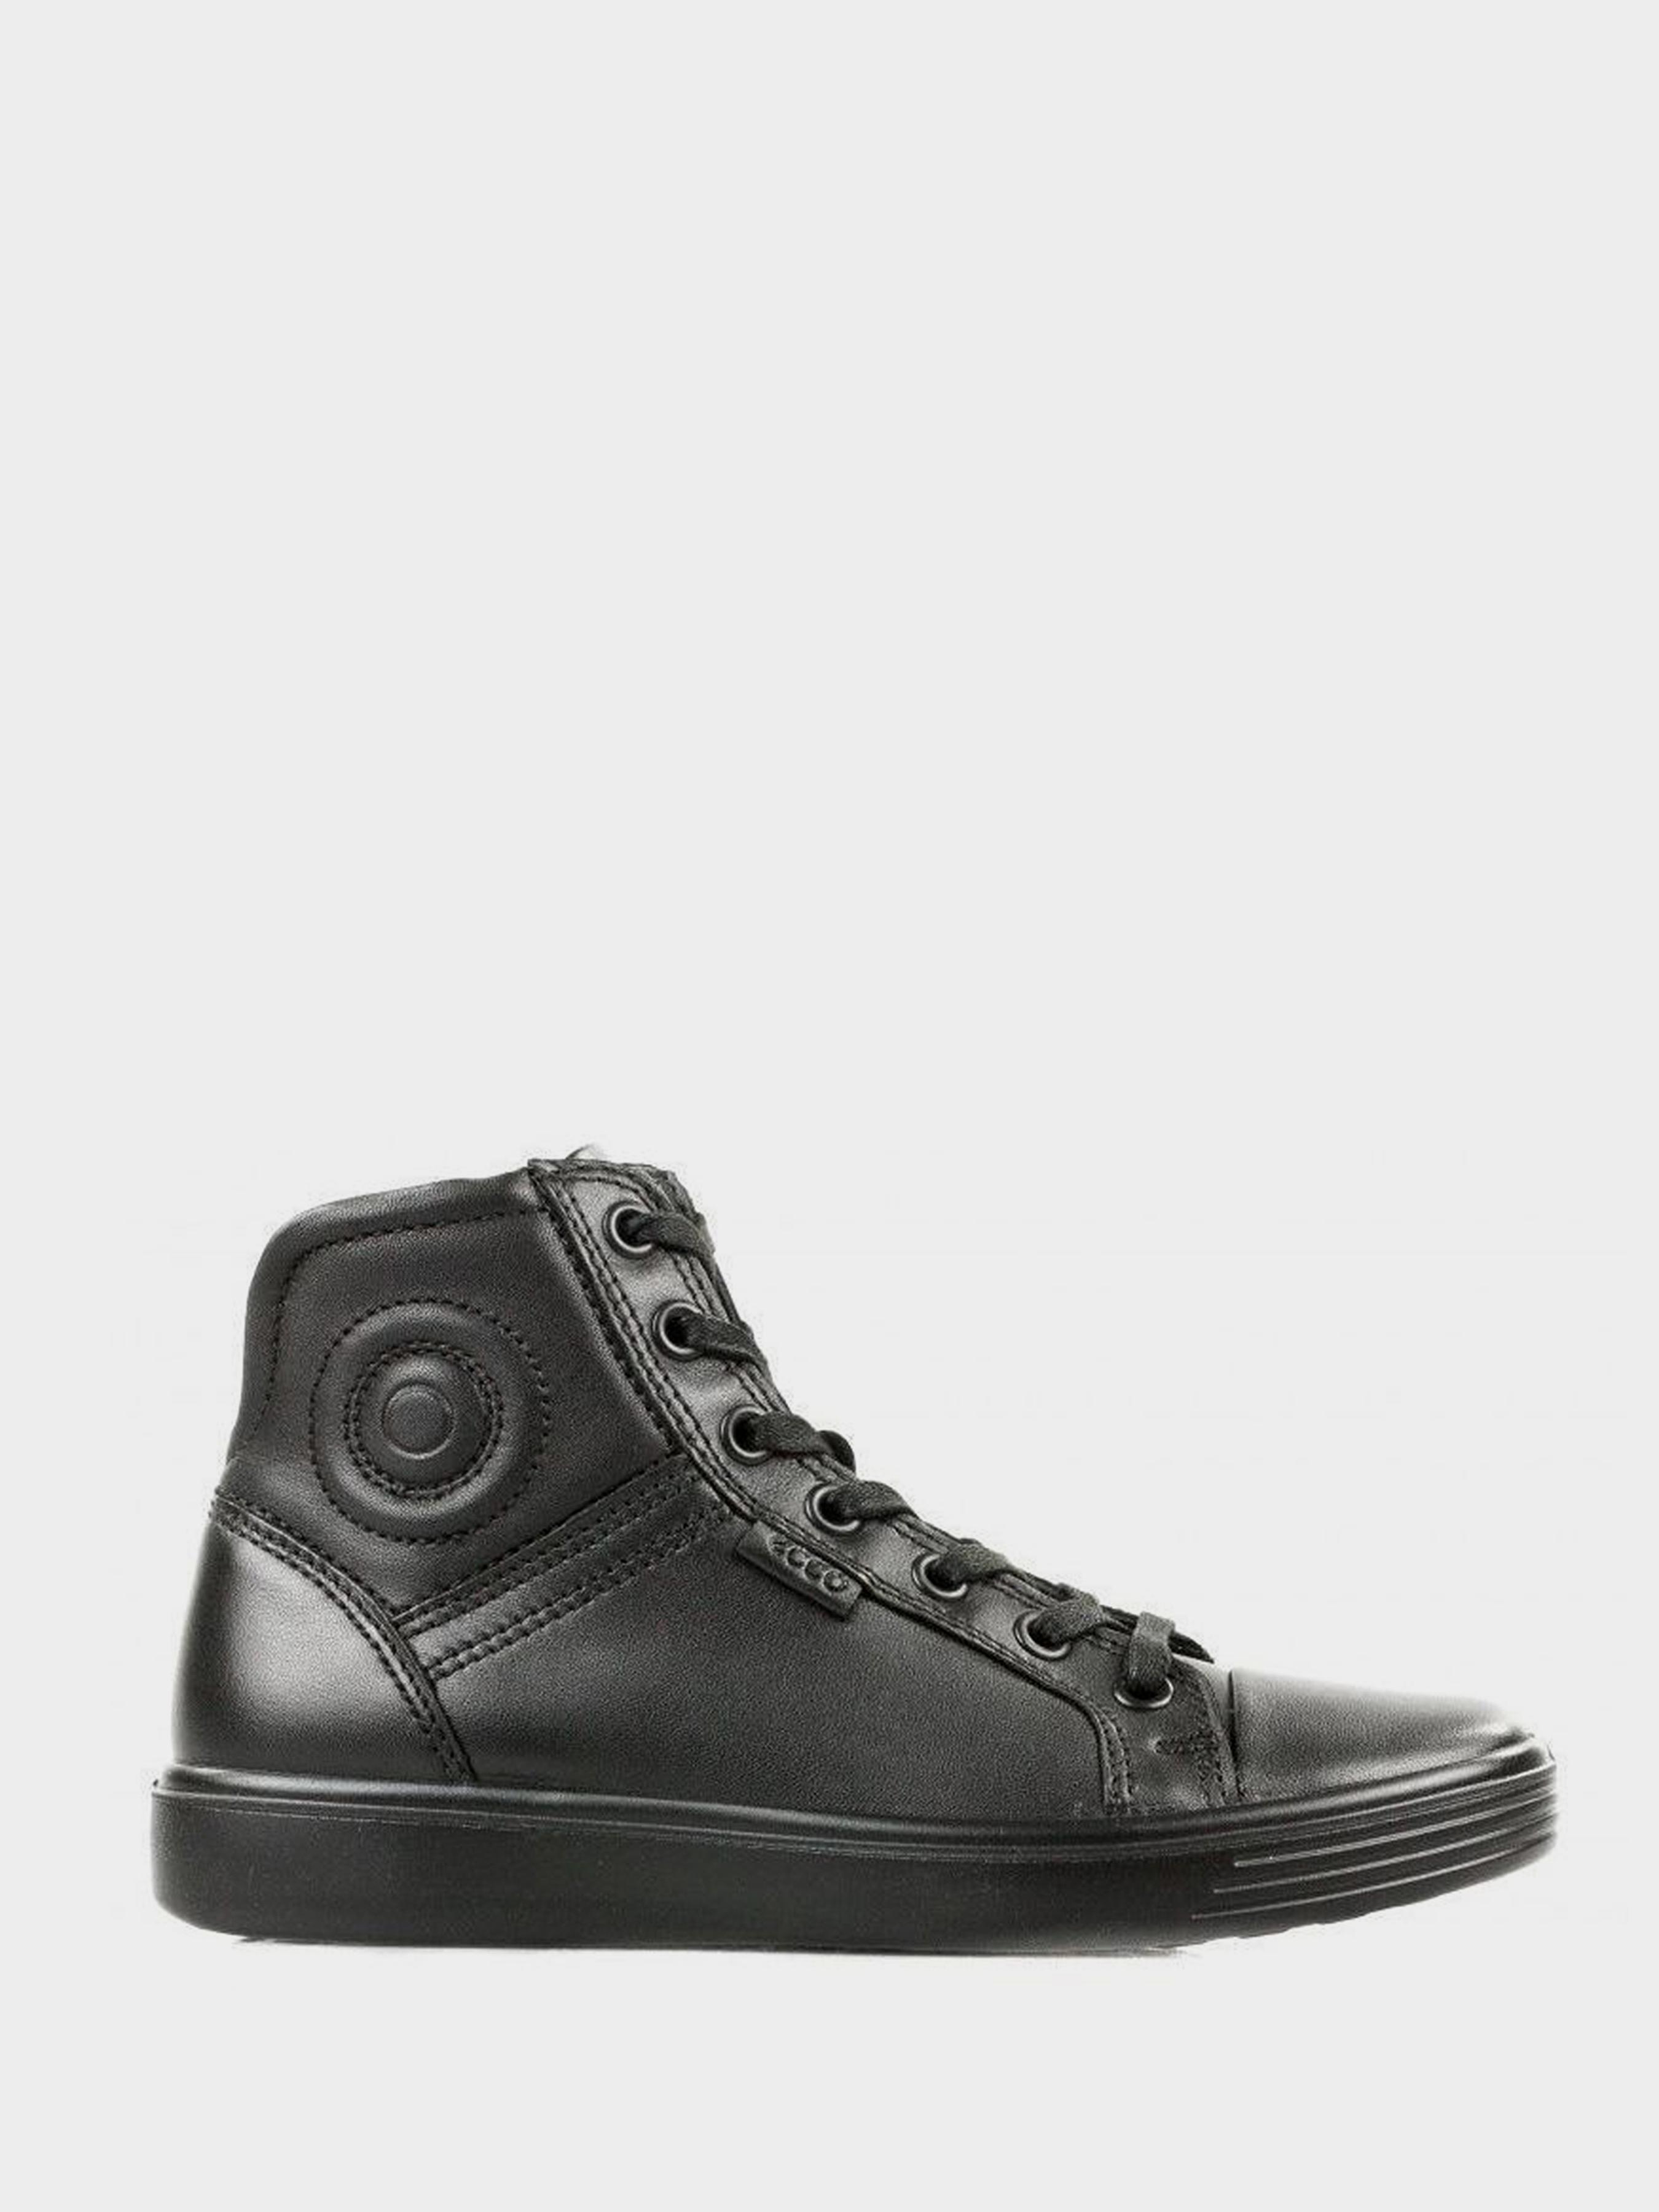 Ботинки для детей ECCO S7 TEEN ZK3070 стоимость, 2017